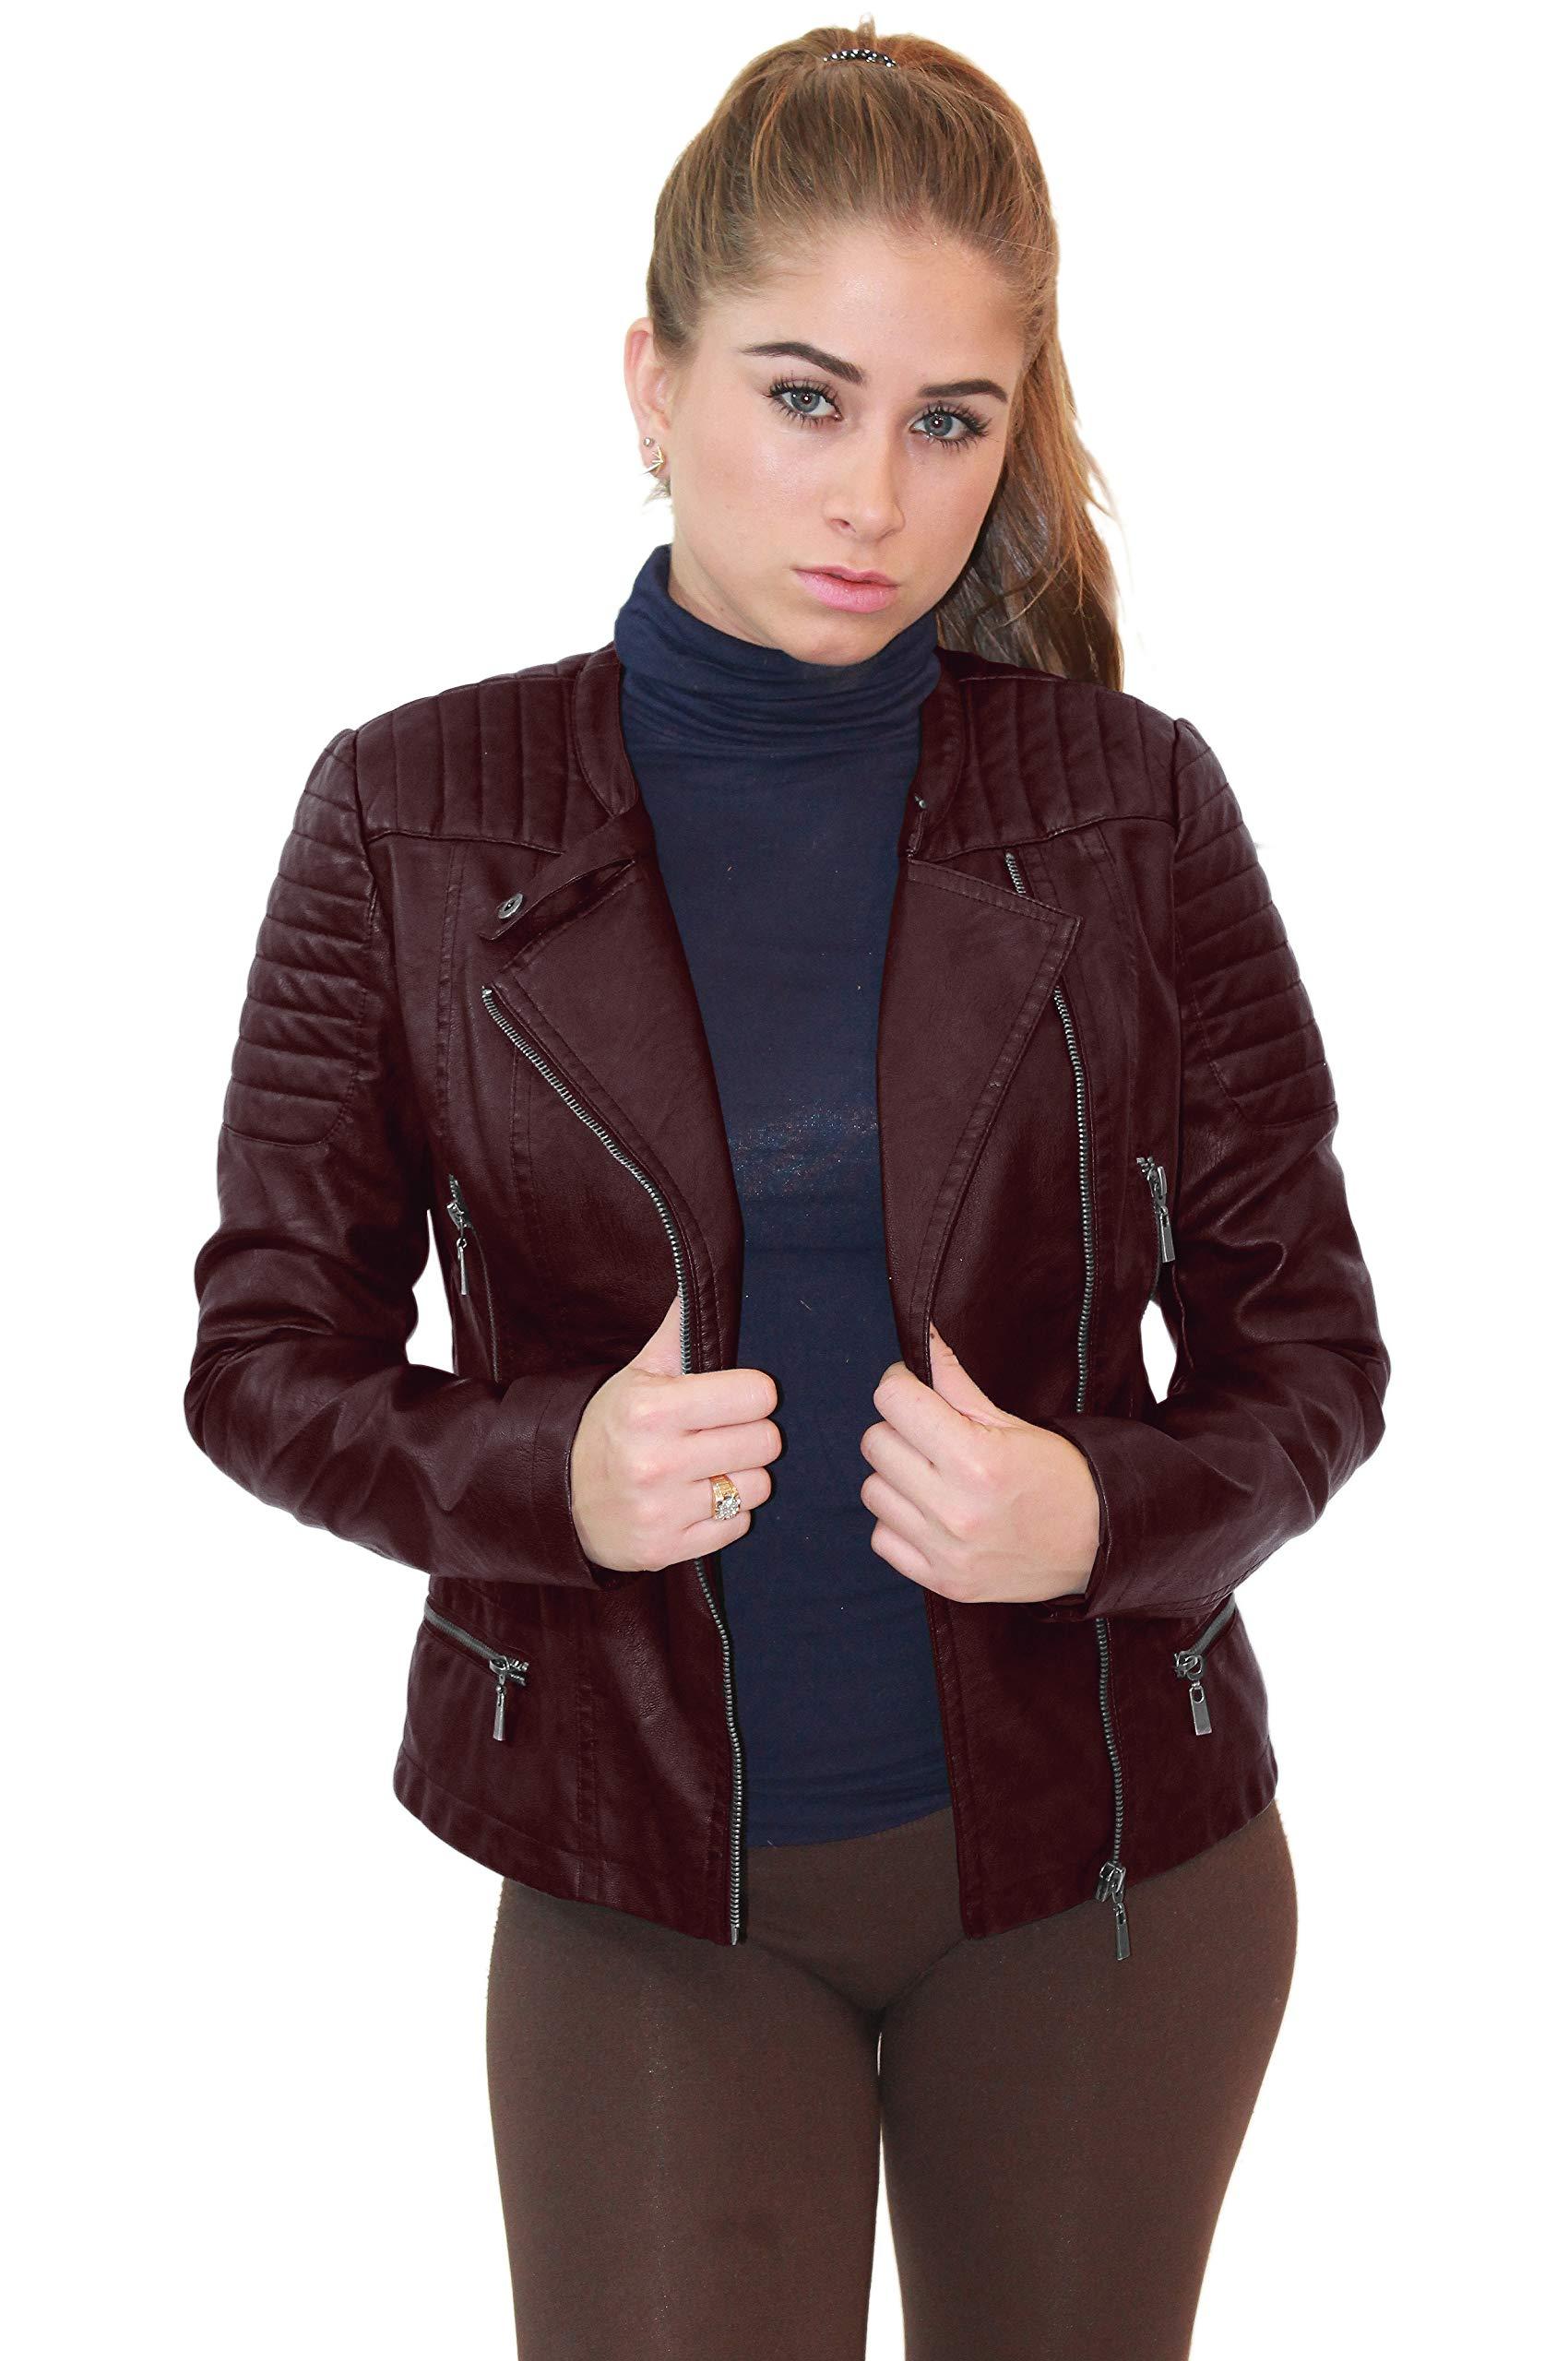 Olivia Miller Womens Faux Leather Zip up Moto Biker Jacket JK5207S Burgundy XLarge by Olivia Miller